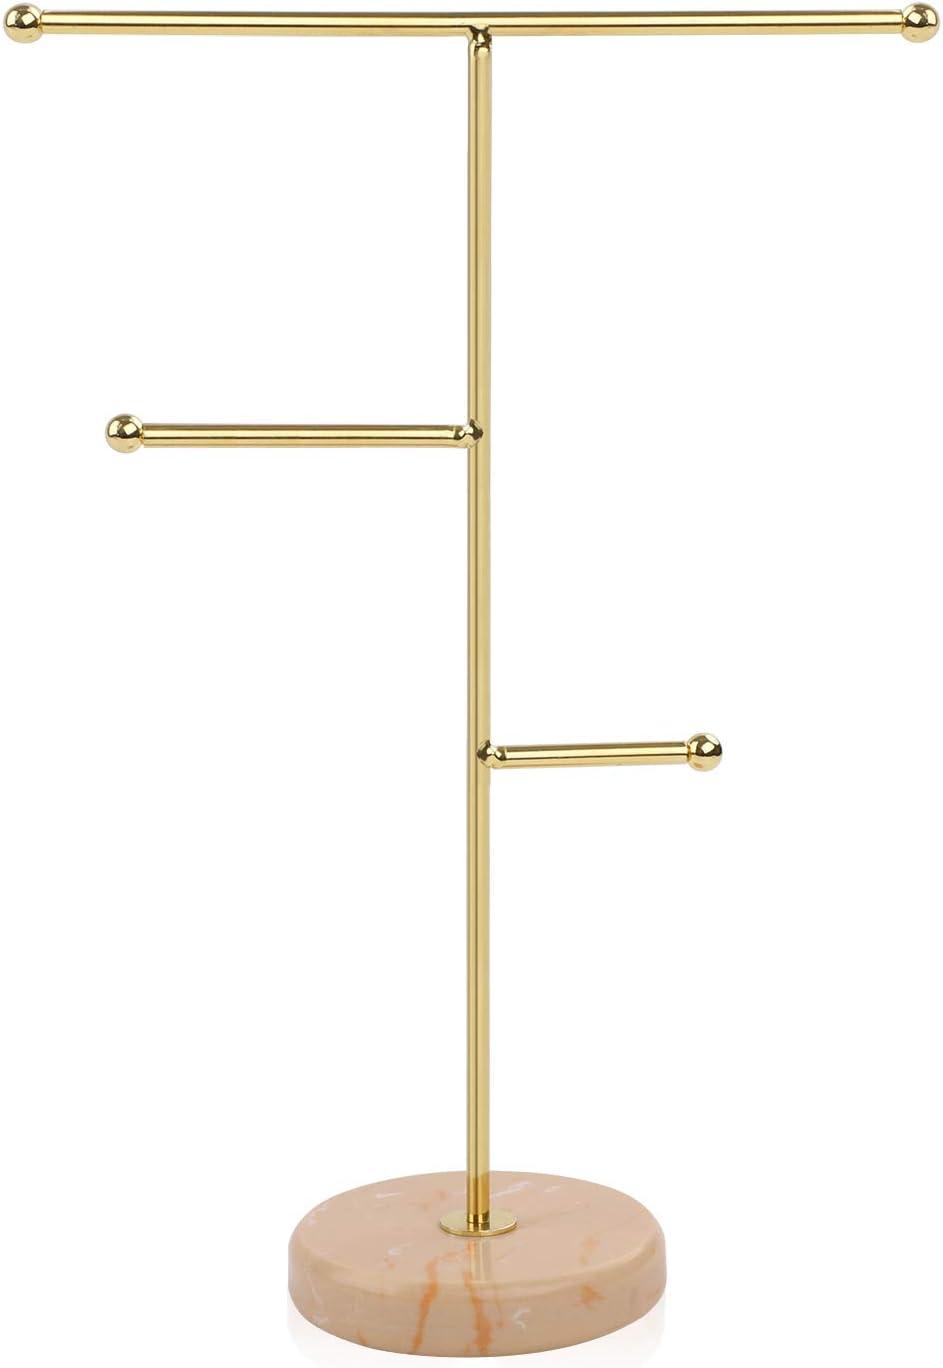 Organizador de joyas para colgar,collar de barra en T de metal,soporte de exhibición para el hogar,patrón de mármol bandeja redonda soporte de joyería para collares,pulseras,pendientes